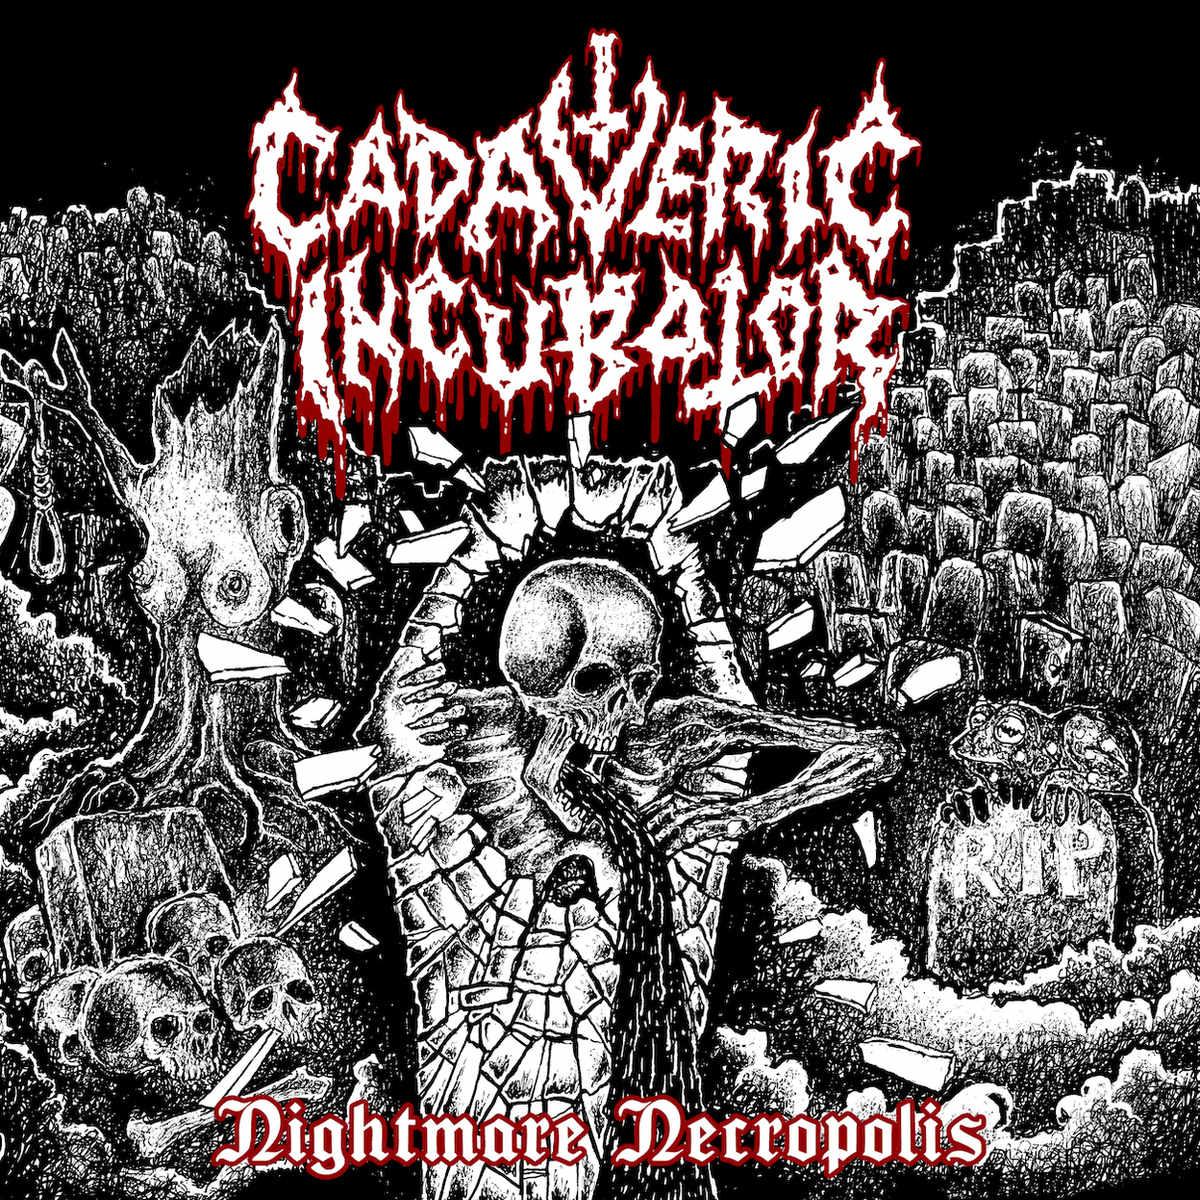 """cadaveric-incubator:-erster-track-vom-neuen-death-metal-/-grindcore-album-""""nightmare-necropolis"""""""